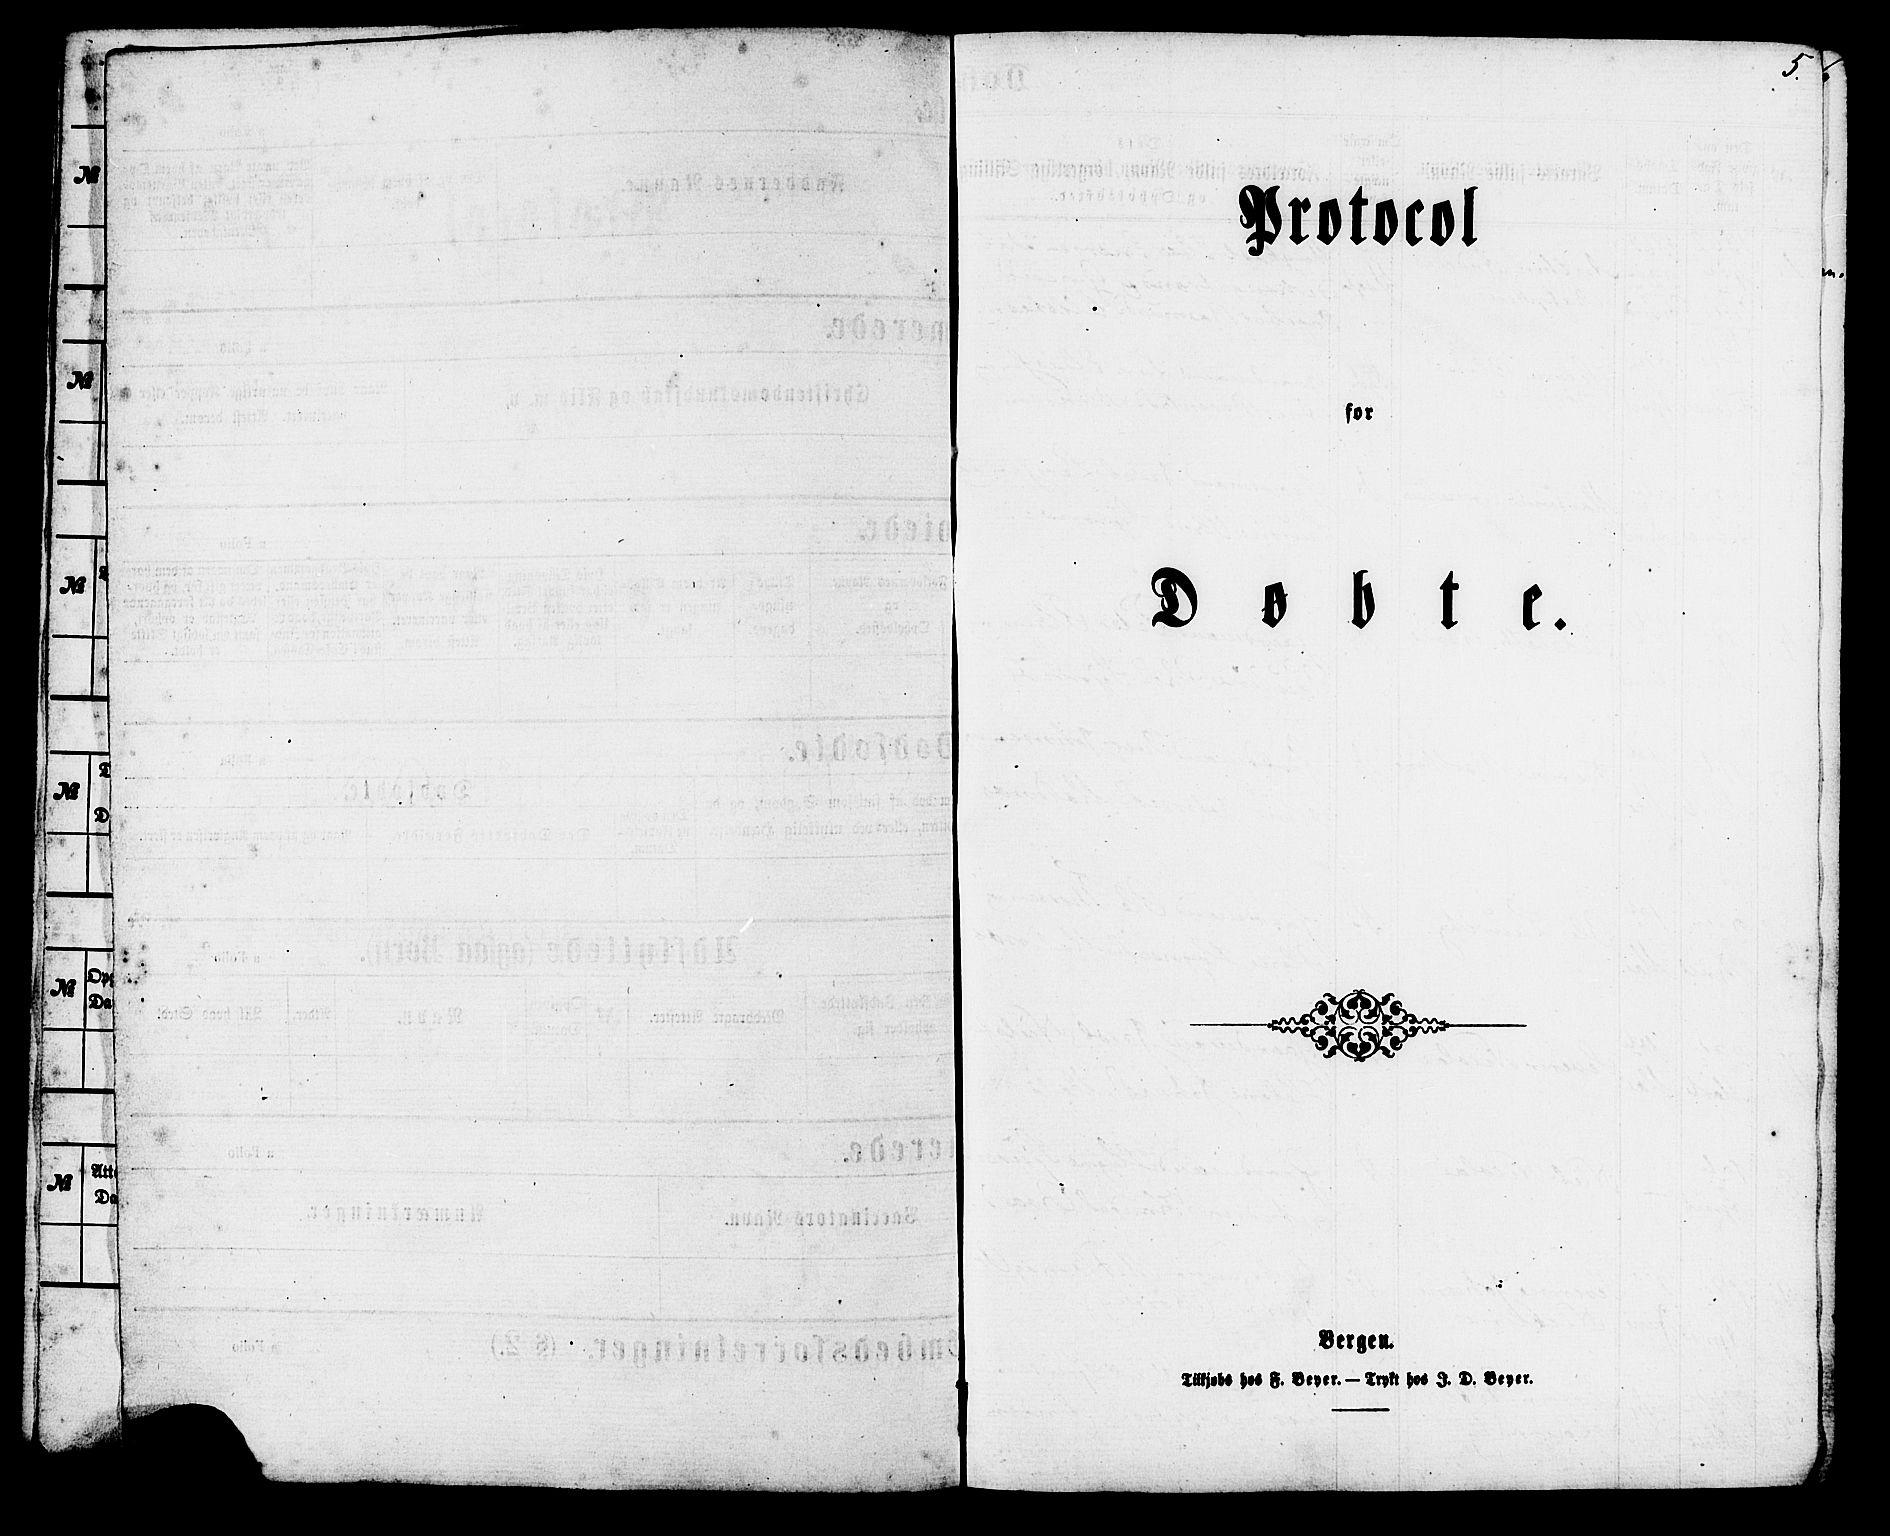 SAT, Ministerialprotokoller, klokkerbøker og fødselsregistre - Møre og Romsdal, 537/L0518: Ministerialbok nr. 537A02, 1862-1876, s. 5